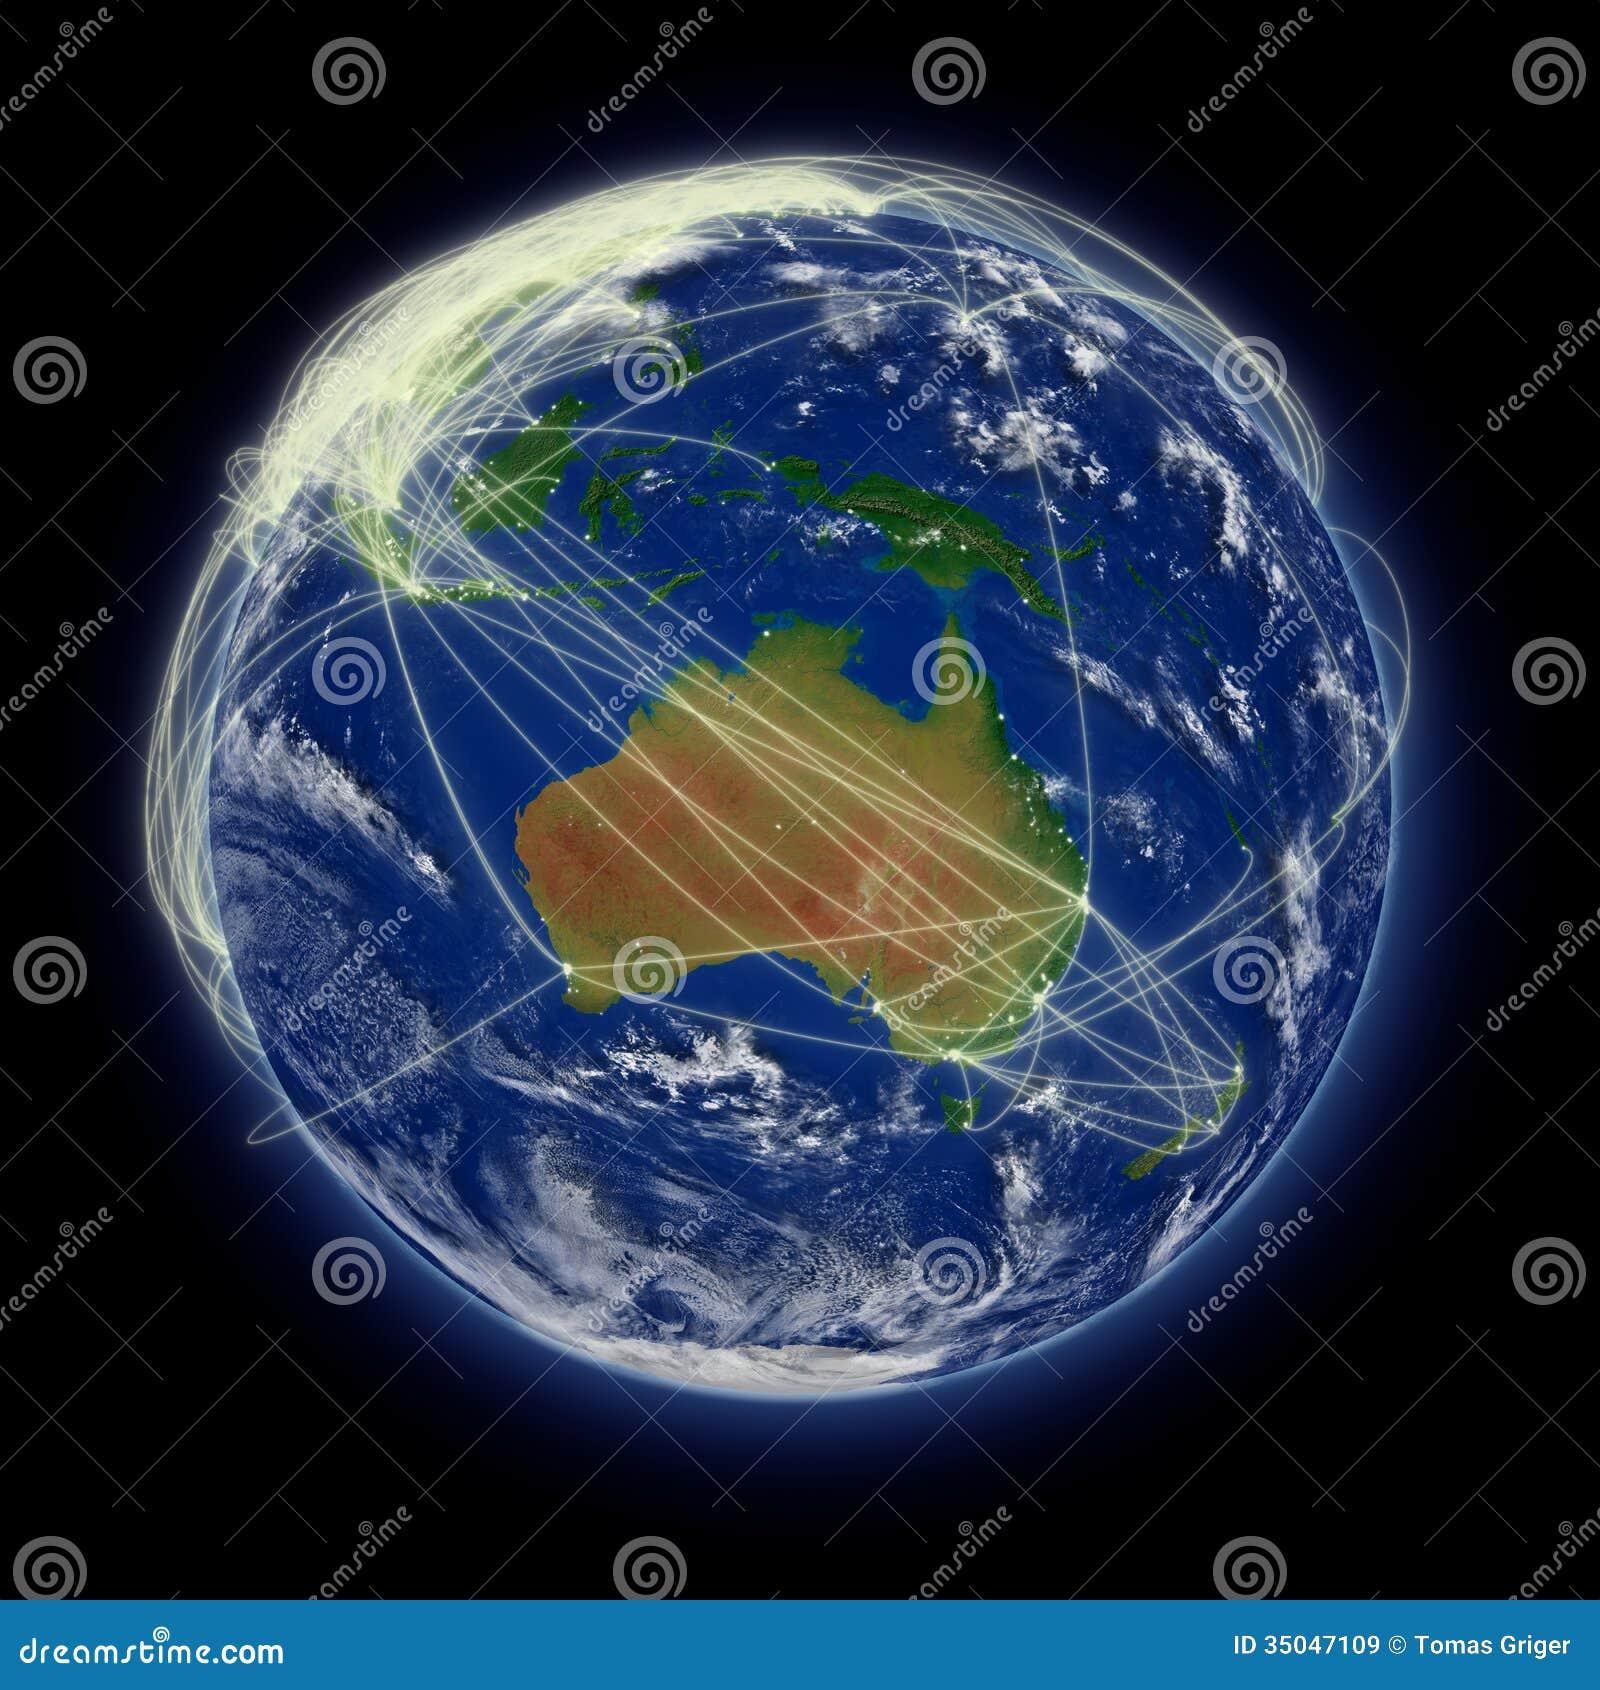 network over australia stock illustration  illustration of travel